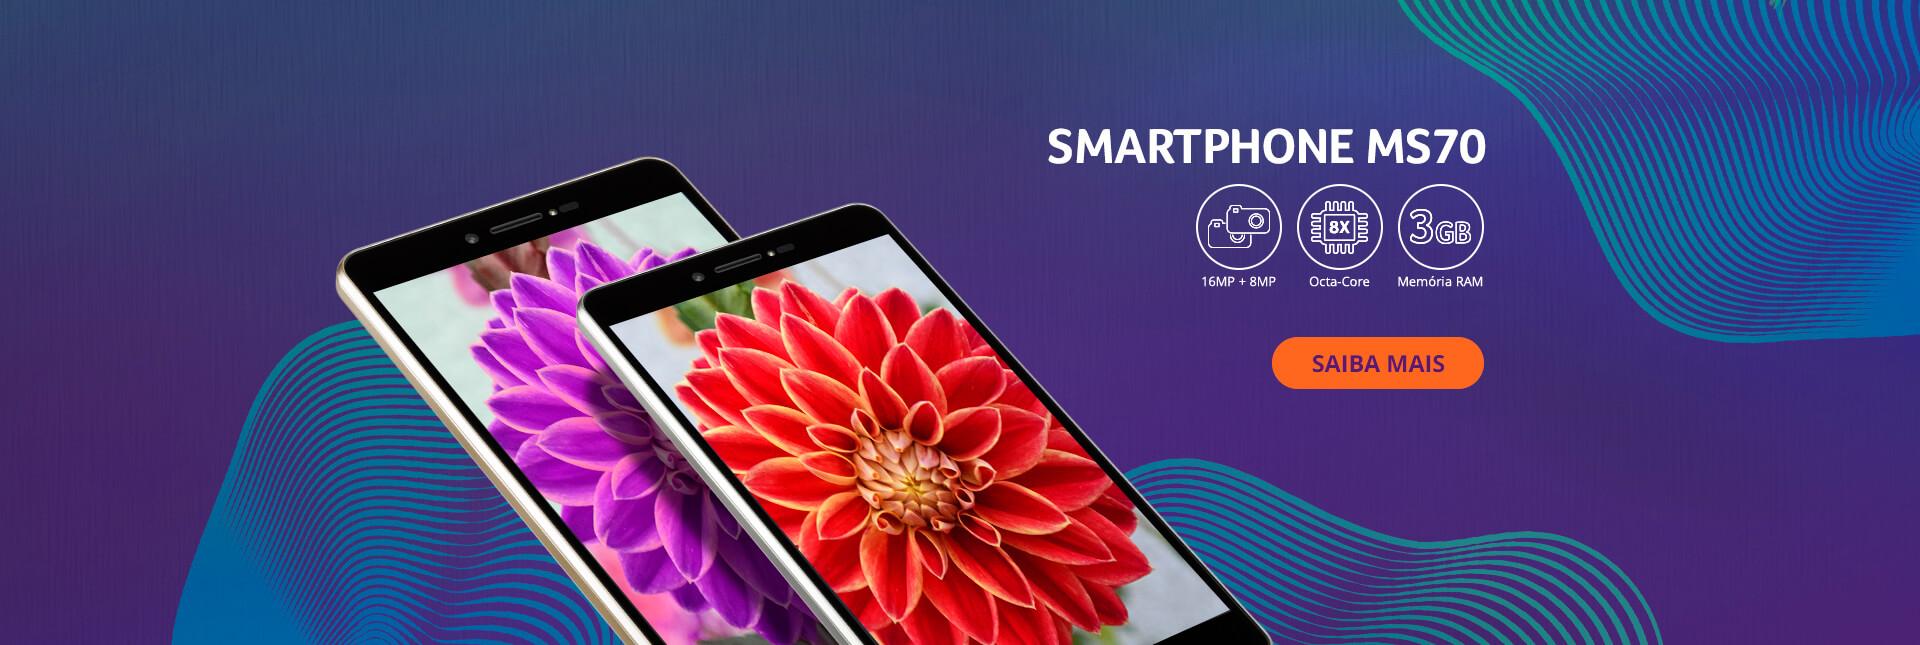 Smartphone MS70